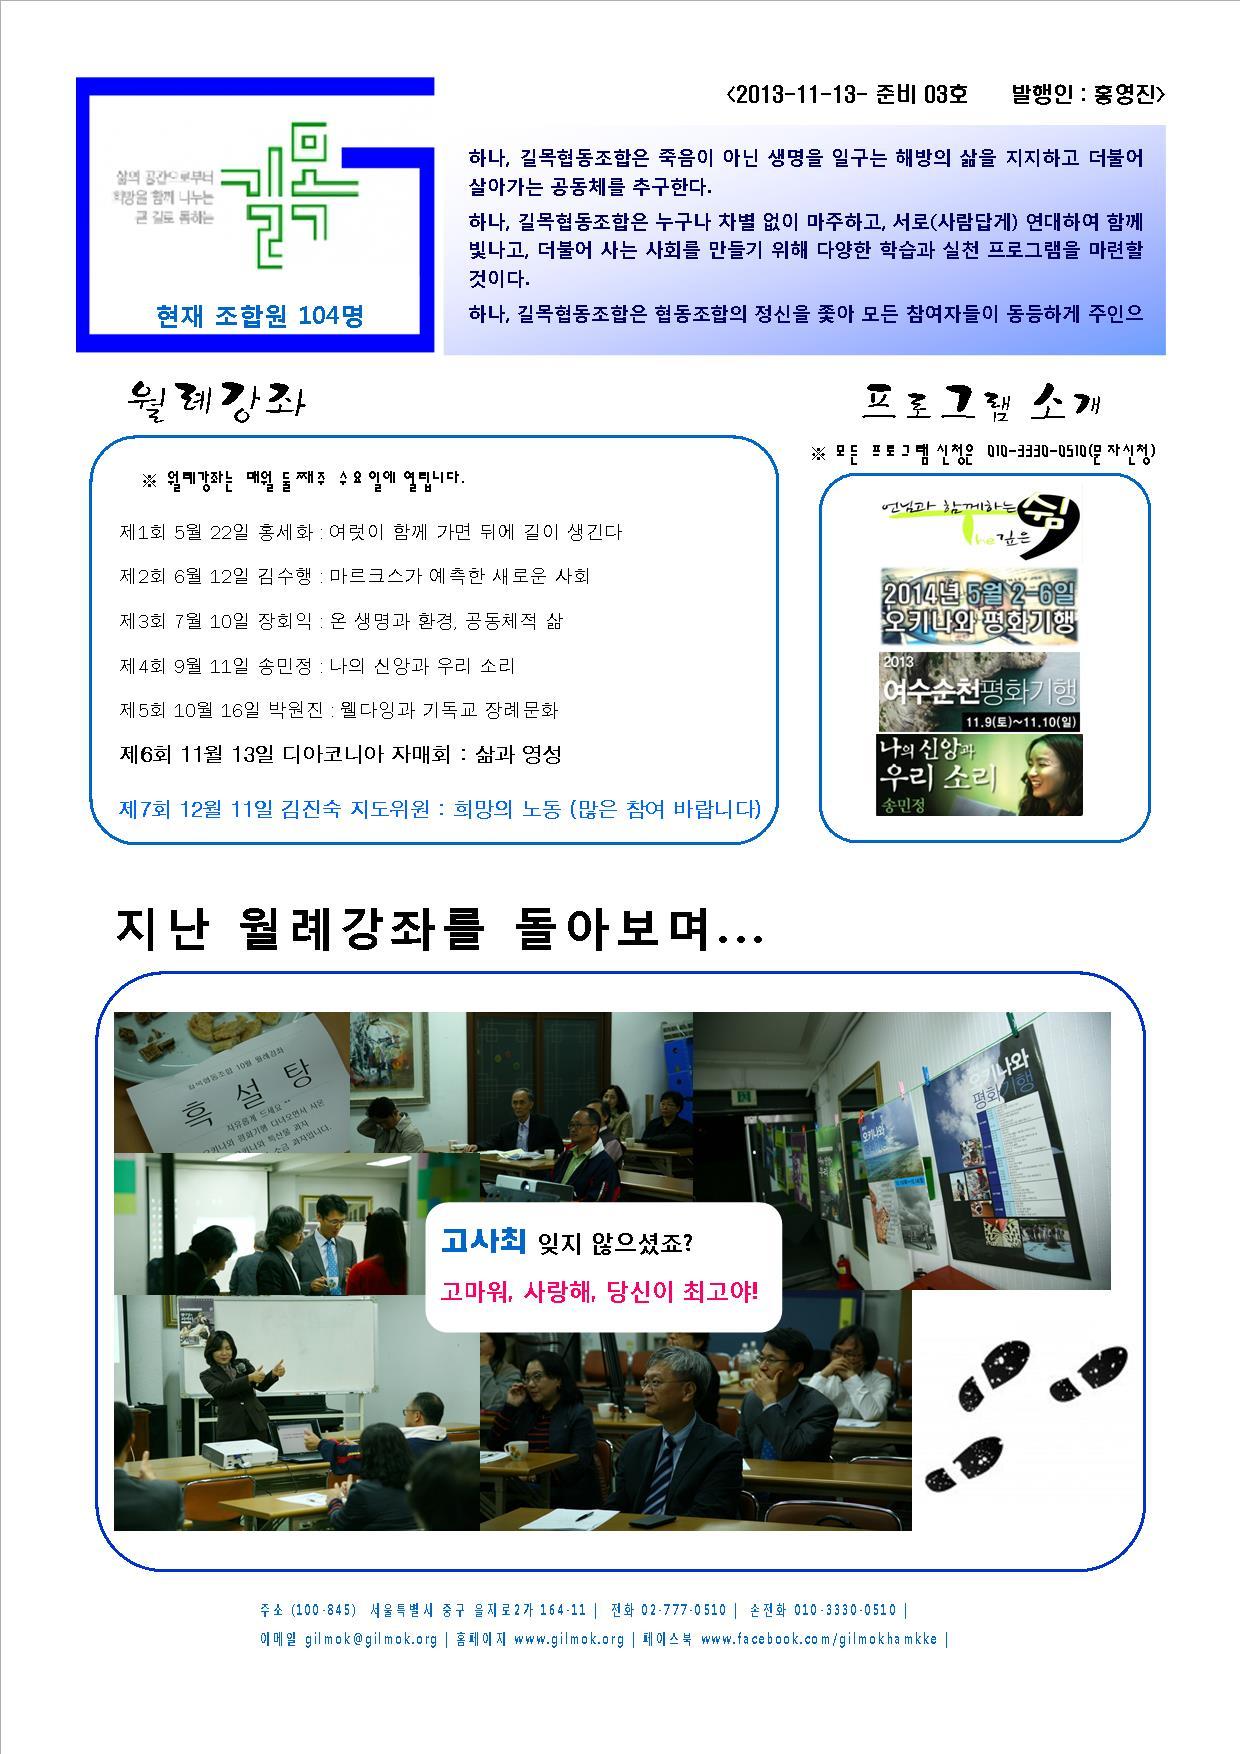 회보 준비 03호(11월 13일 발행).jpg